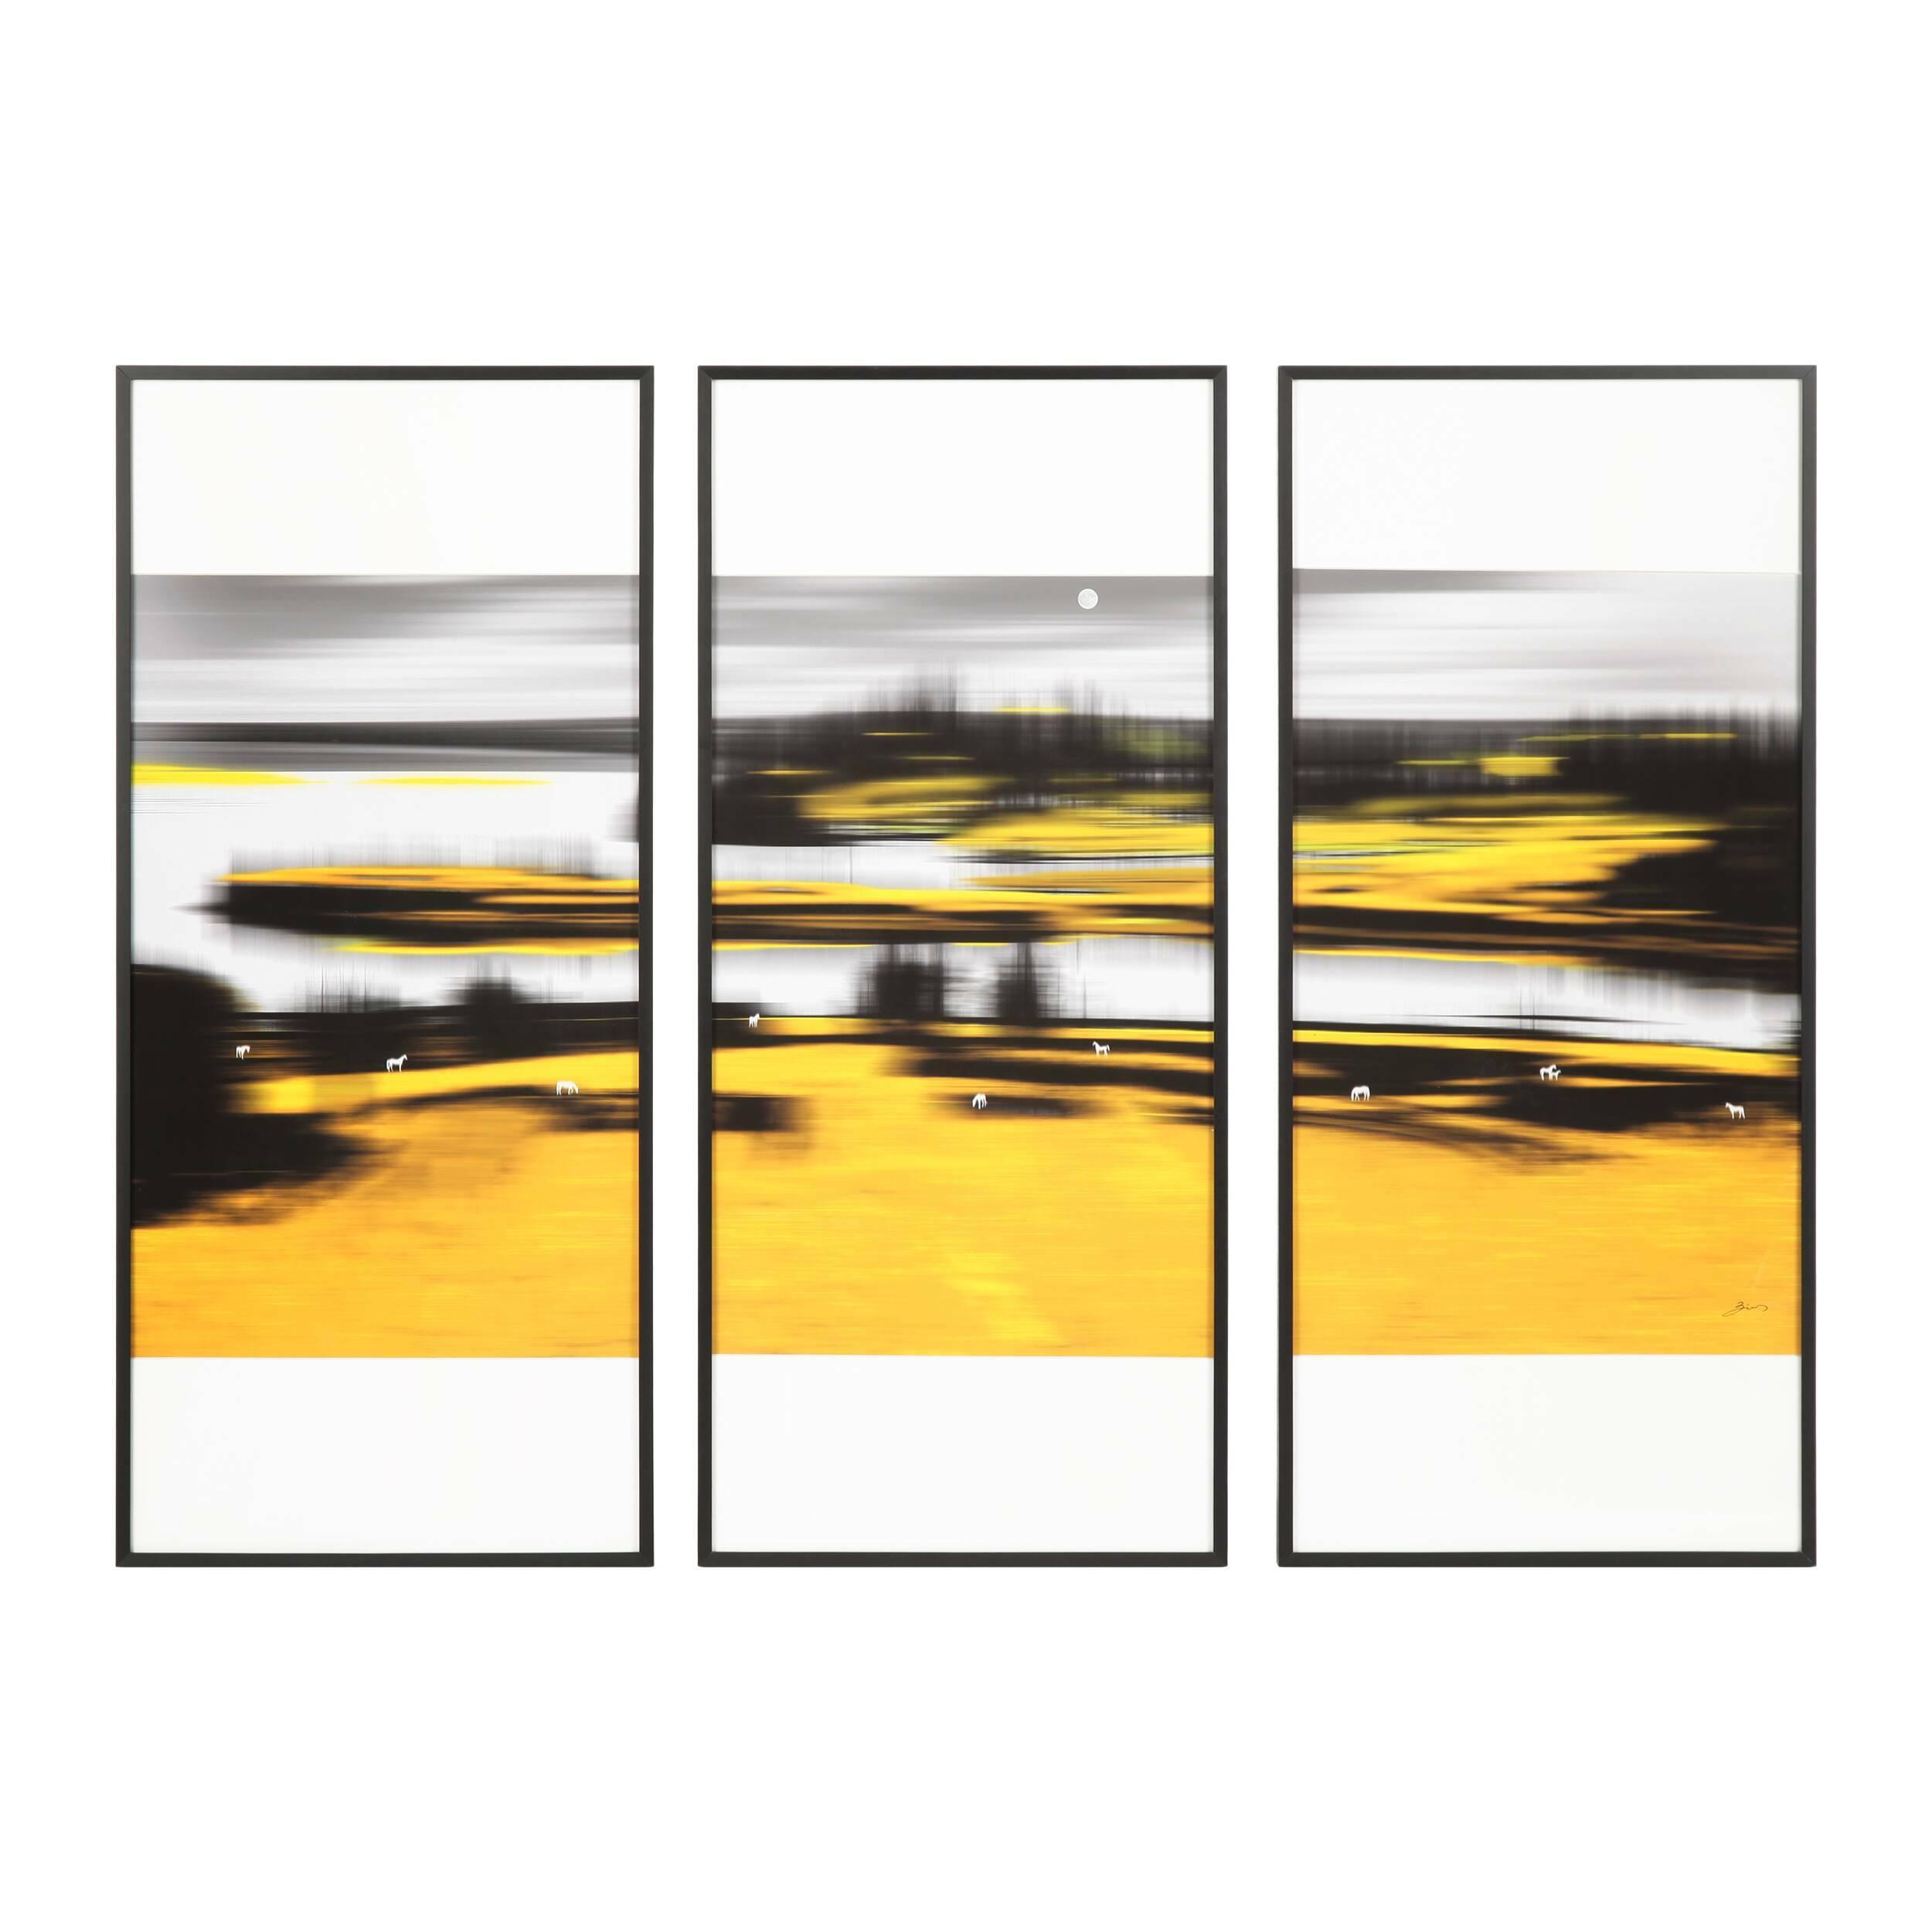 Постер Triptych: Golden ShoresКартины<br>Триптихи приобрели невероятную популярность среди дизайнеров всего мира – с помощью таких композиций можно создавать потрясающие, интересные интерьеры, которые будут радовать вас своей индивидуальностью и современным стилем. Дизайнерский постер Triptych: Golden Shores (Триптих: Золотые Берега) обладает очень динамичным и ярким рисунком – такое украшение станет главным декоративным акцентом всего помещения.<br><br><br> Постер Triptych: Golden Shores выполнен в оригинальной цветовой гамме, котора...<br><br>stock: 4<br>Ширина: 40,4<br>Цвет: Желтый<br>Длина: 90,4<br>Цвет дополнительный: Темно-серый